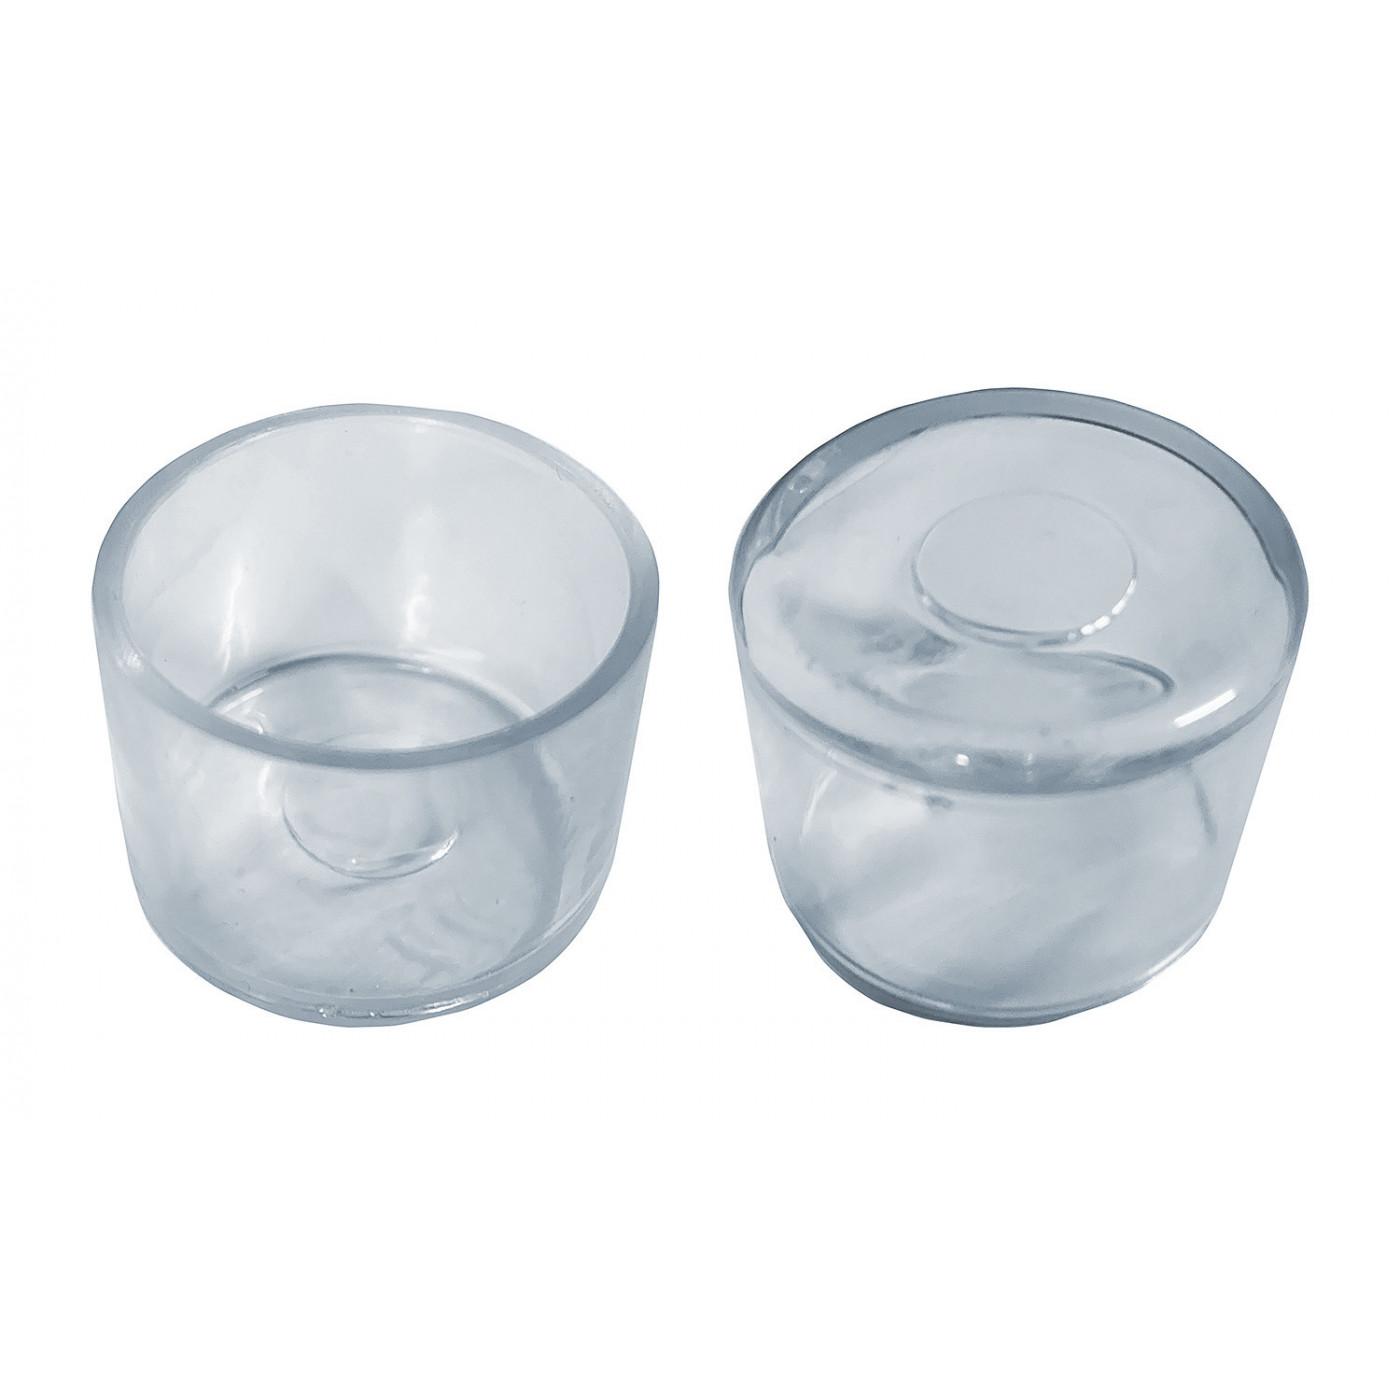 Set von 32 silikonkappen (Außenkappe, rund, 40 mm, transparent) [O-RO-40-T]  - 1